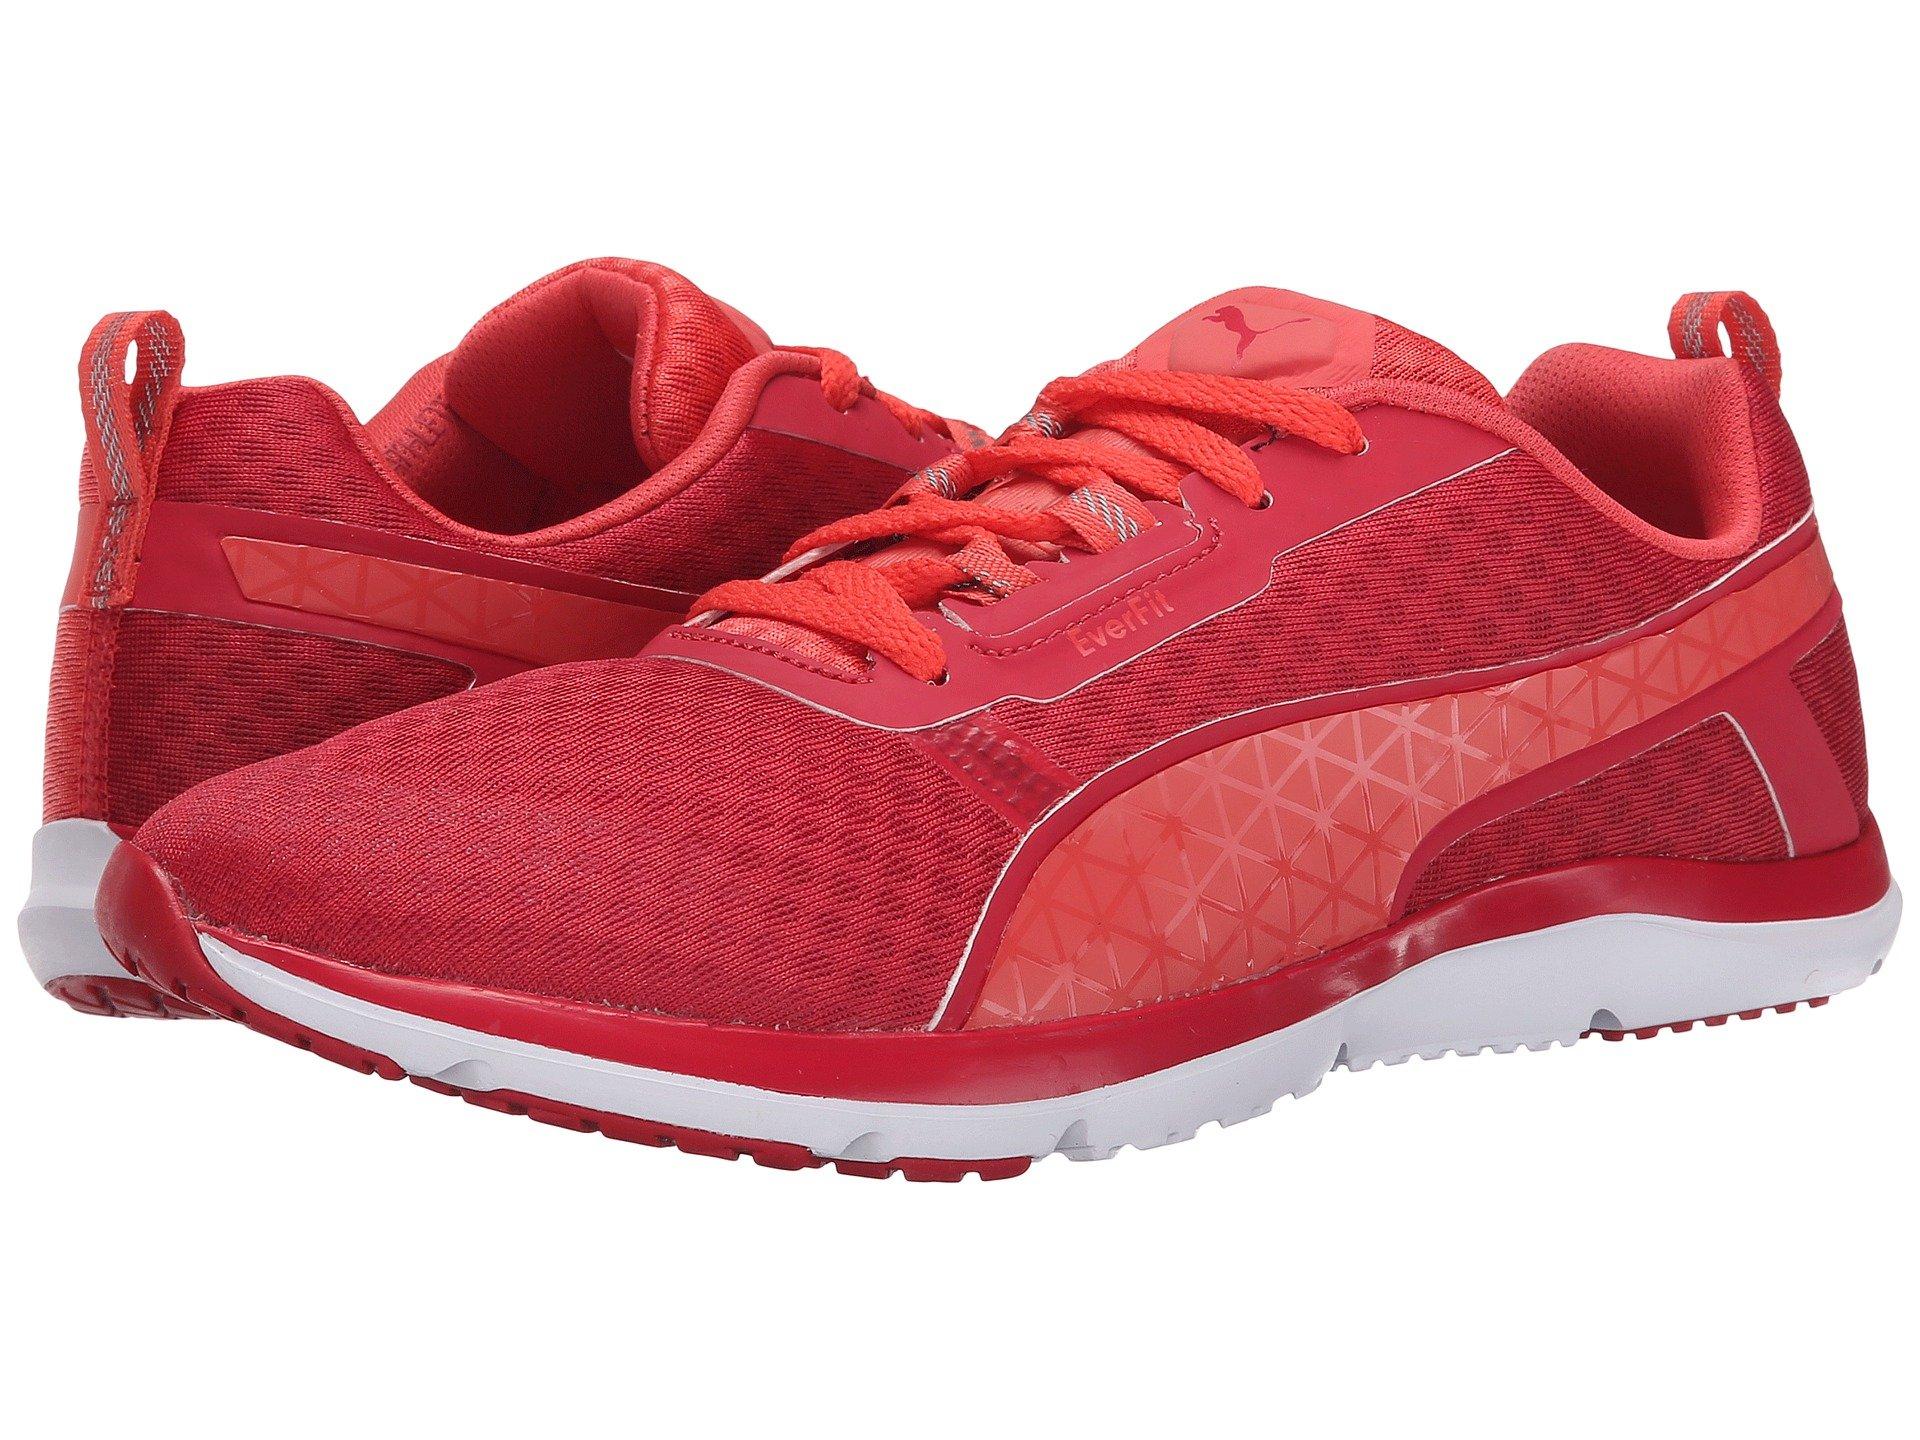 Lyst - PUMA Pulse Flex Xt Matte in Red for Men 75f8e9006e21